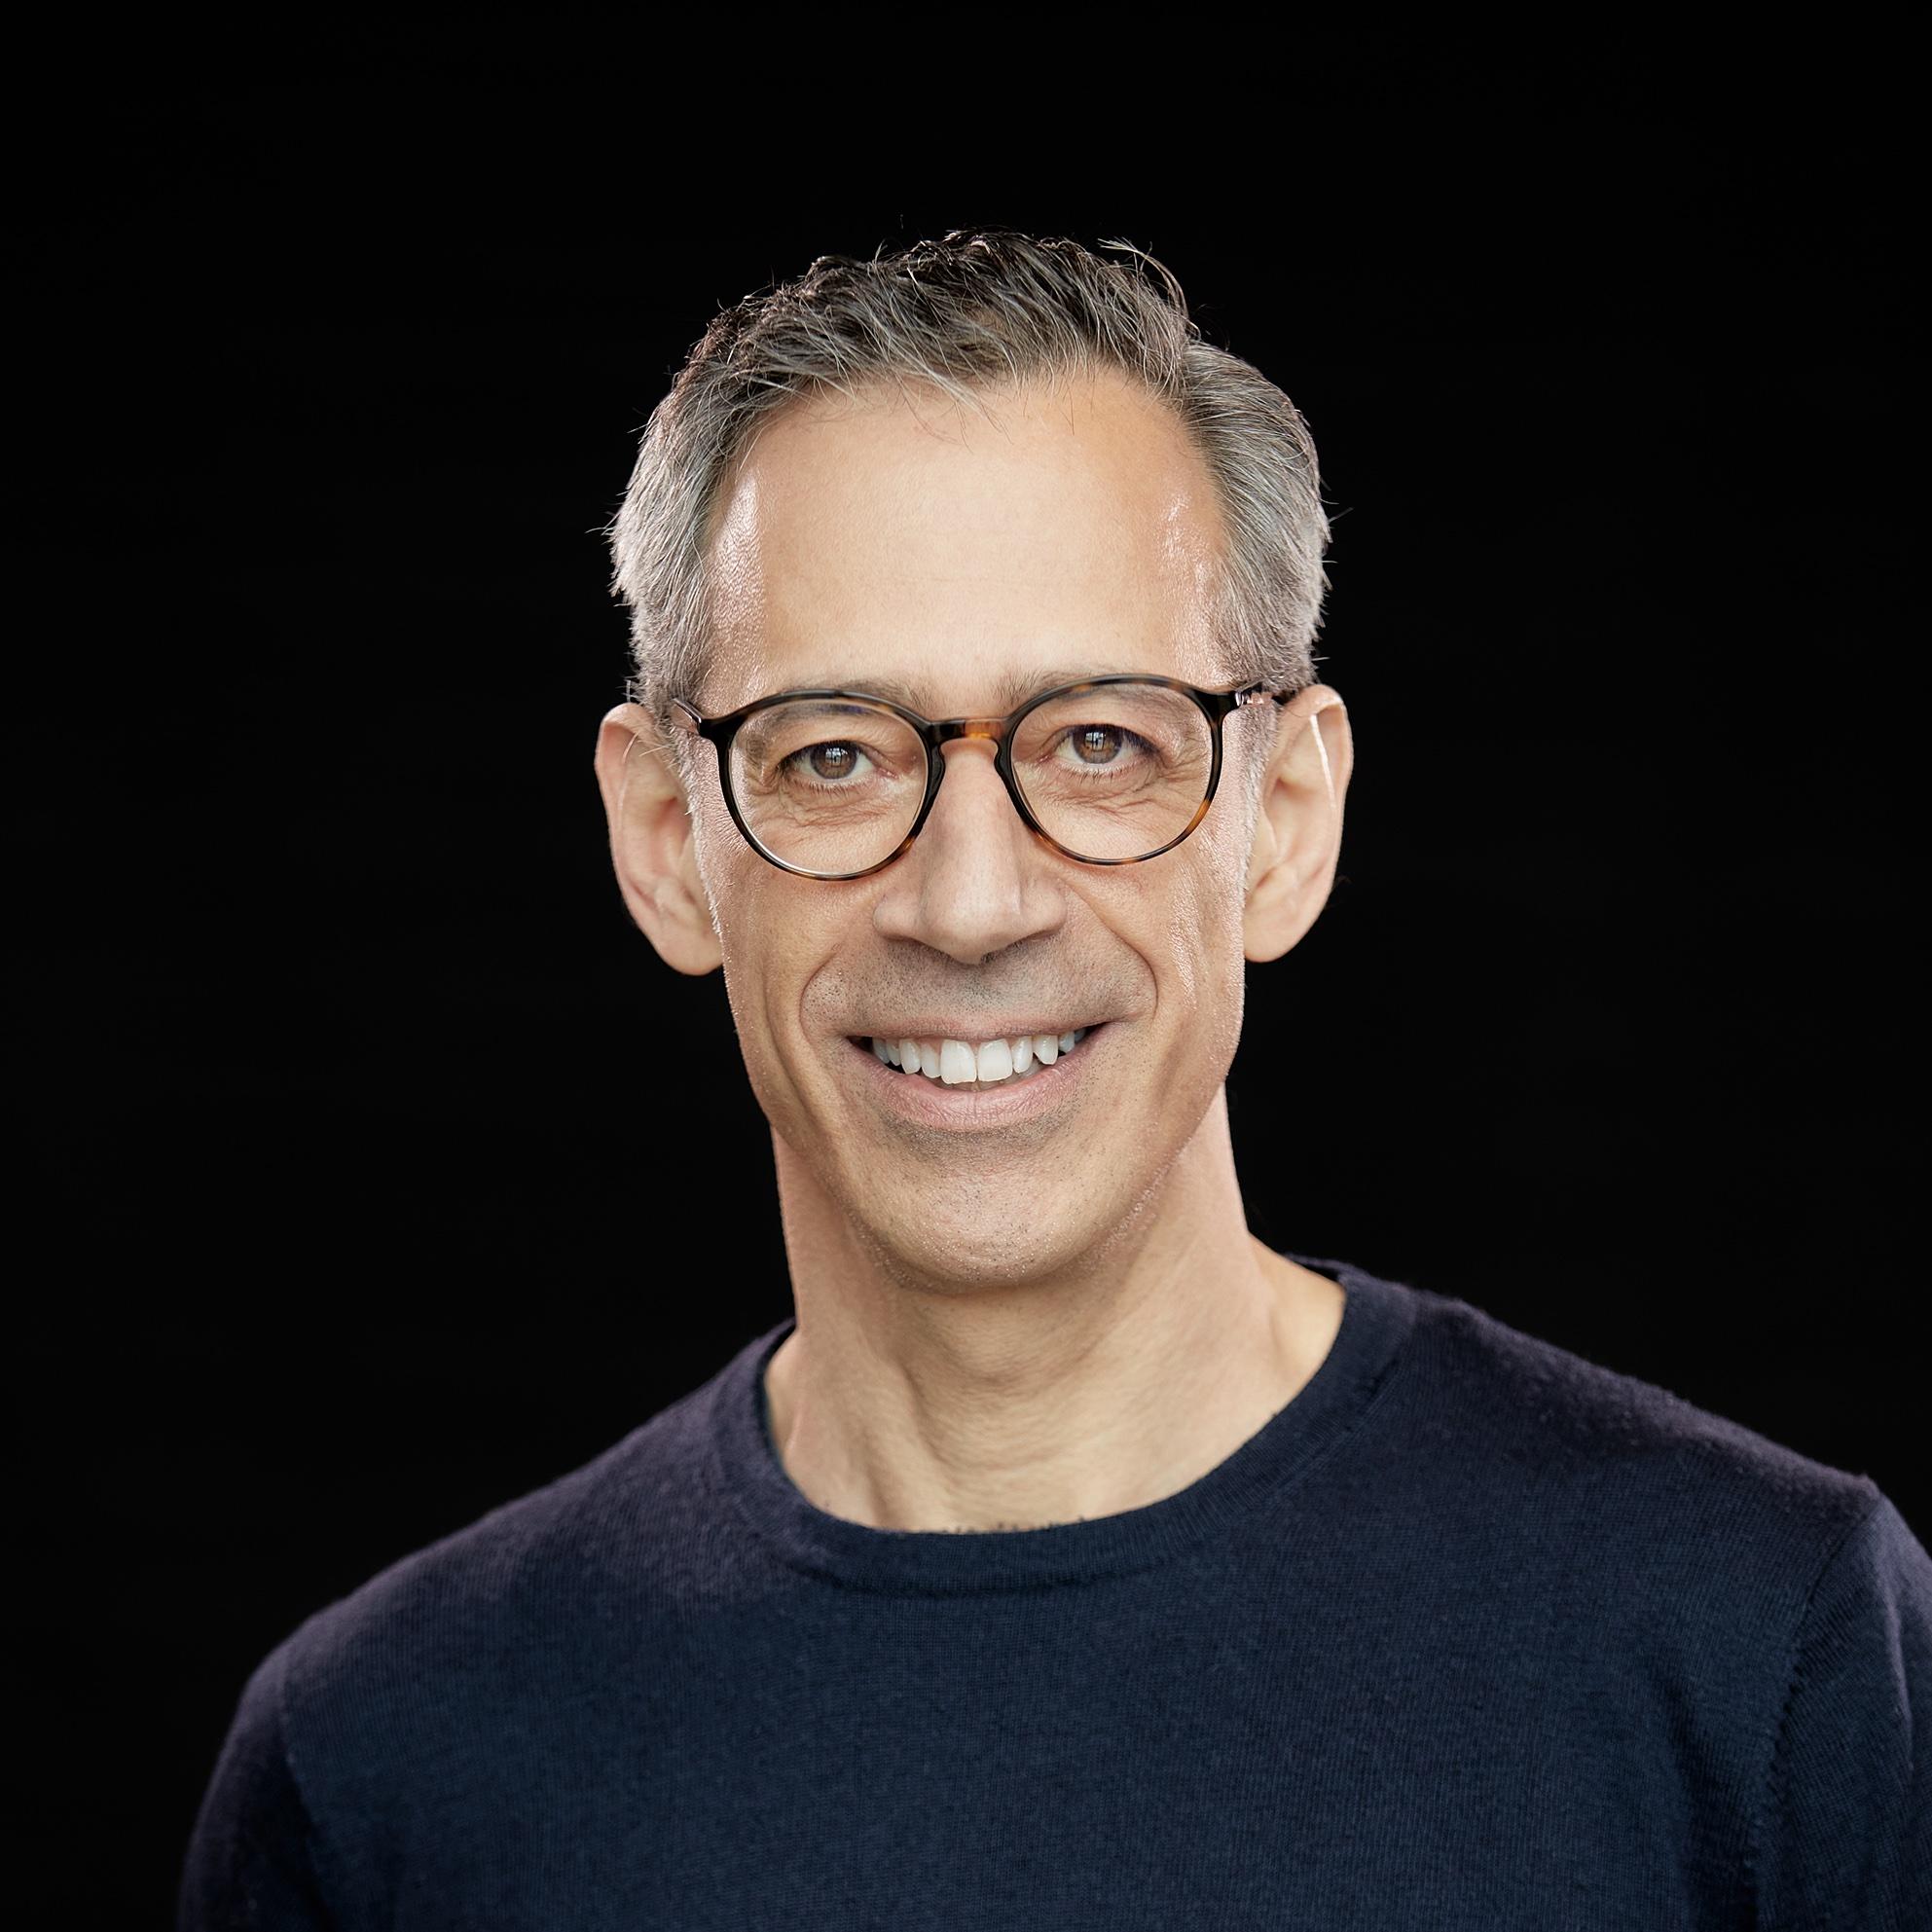 Prof. Dr. Filipe de Castro Soeiro